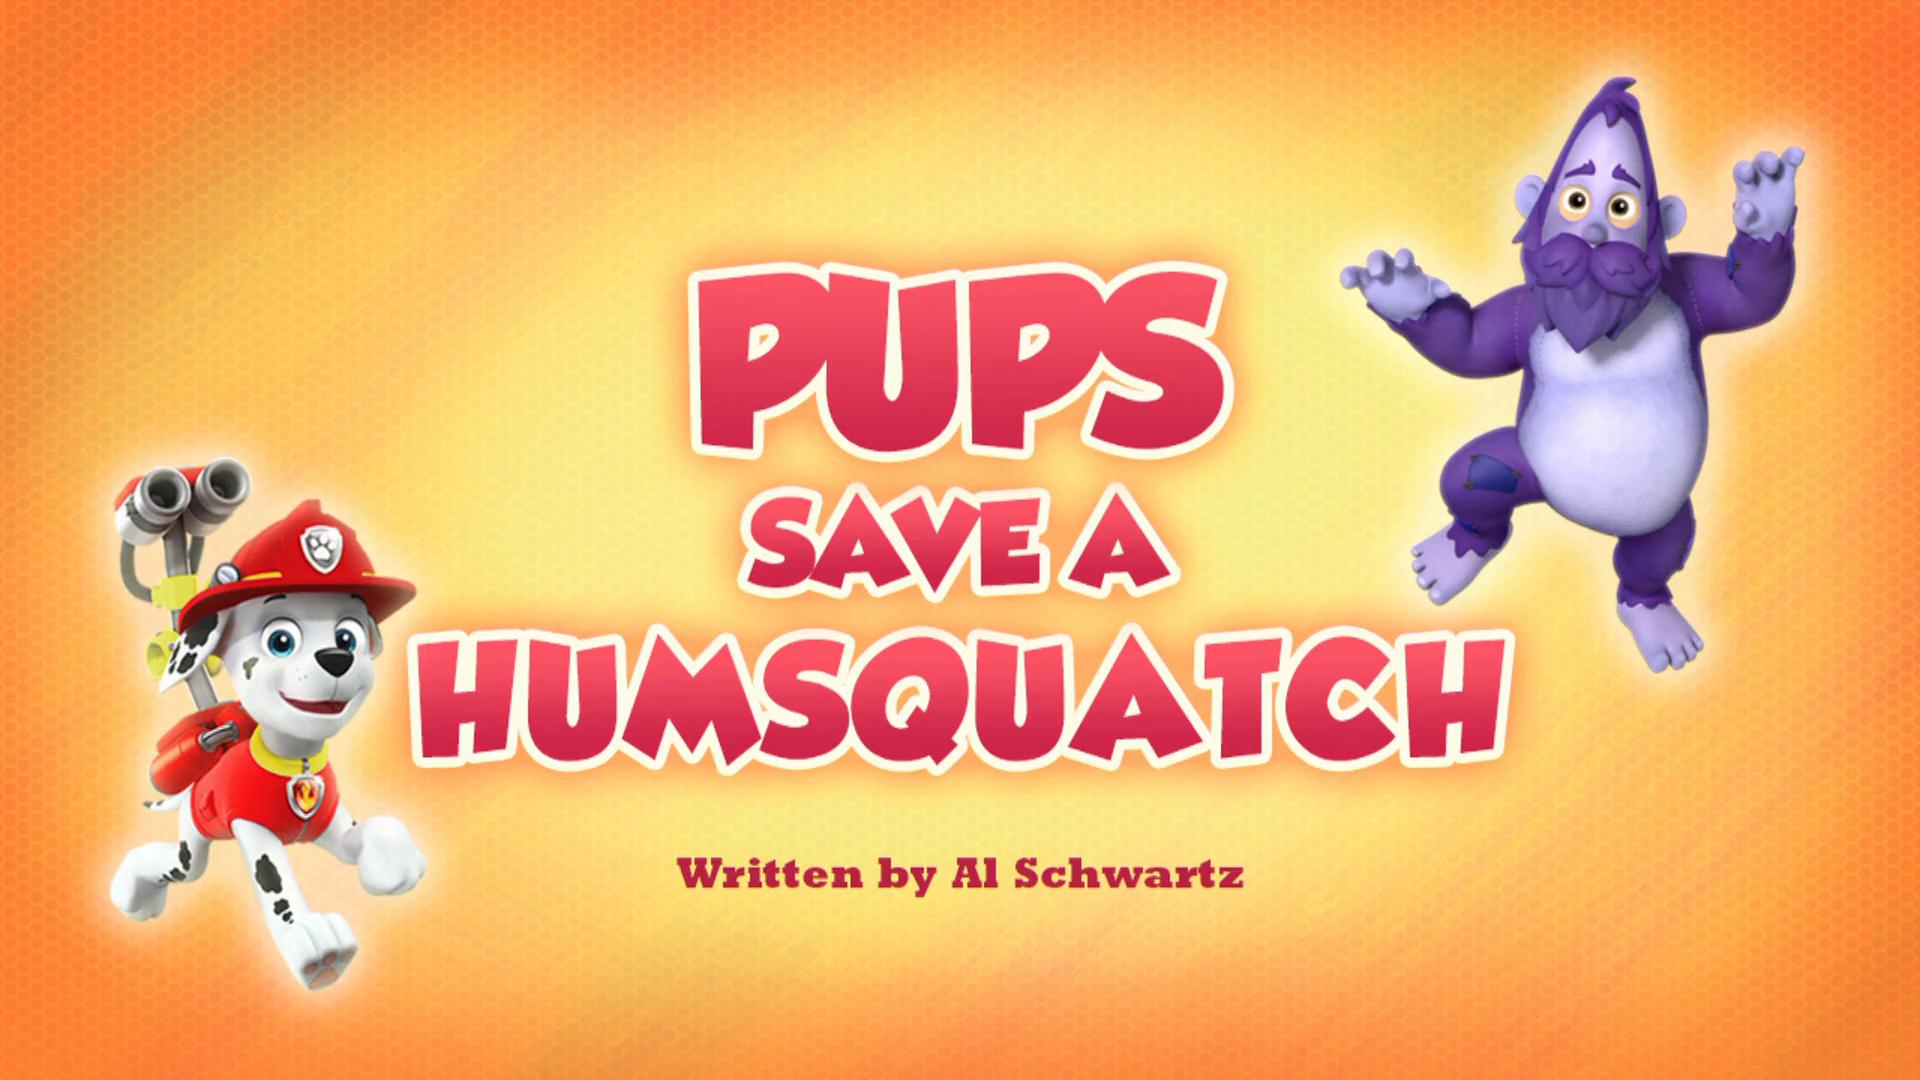 Pups Save a Humsquatch